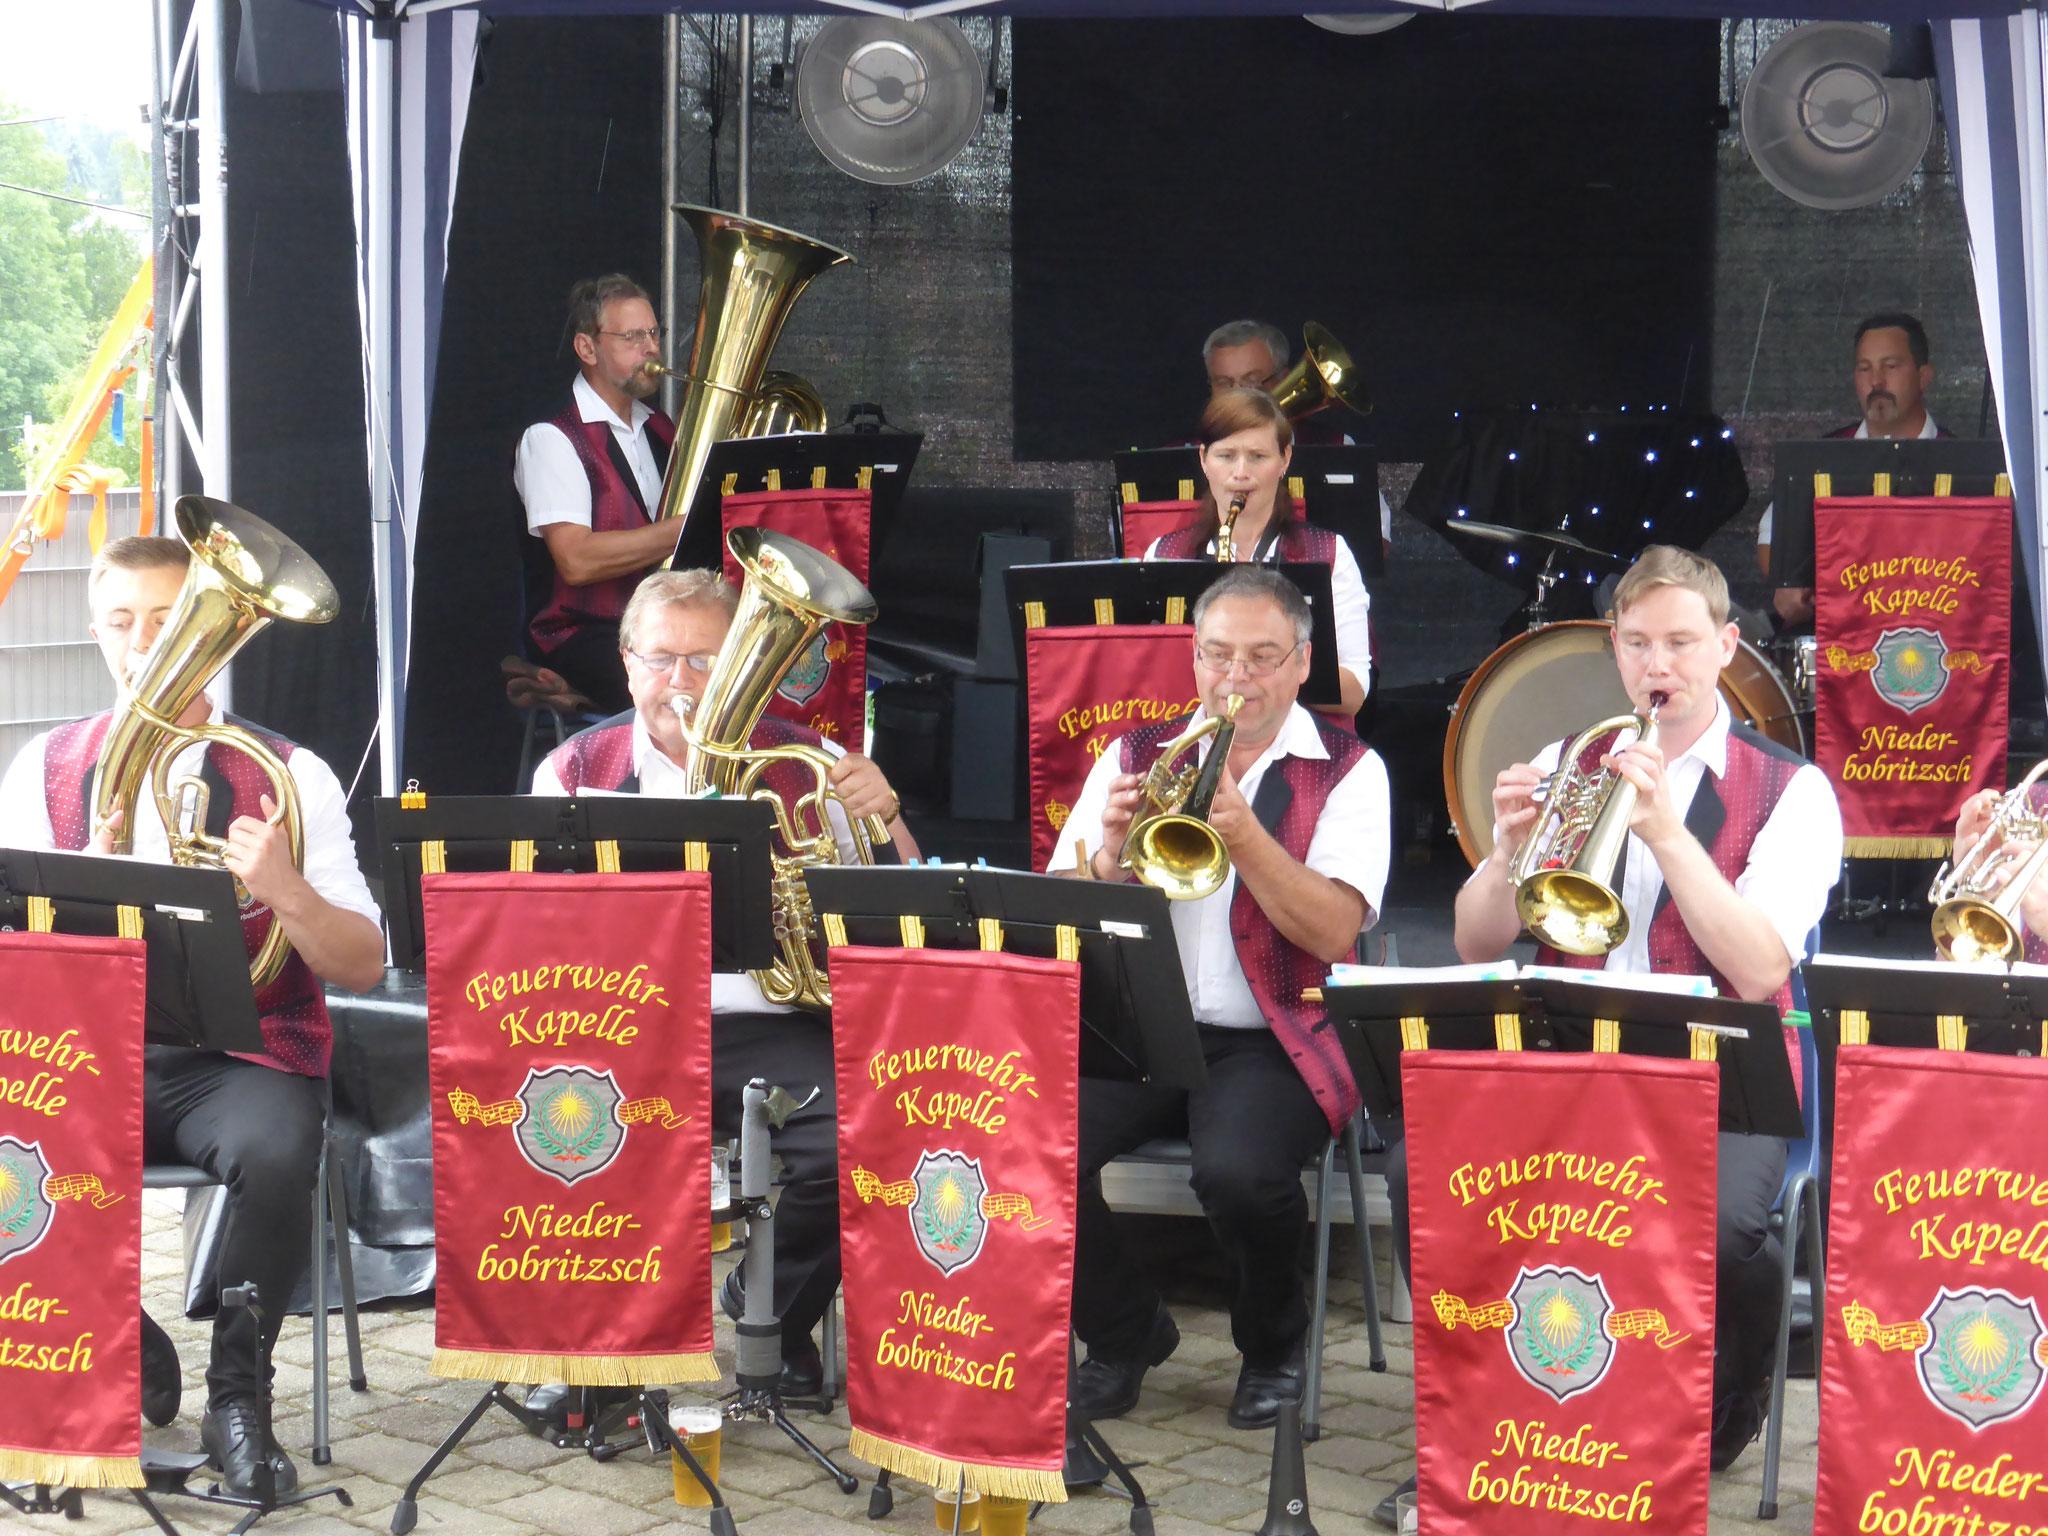 Bei Kaffee und Kuchen, (natürlich selbst gebacken!!), spielte die Feuerwehr-Kapelle Niederbobritzsch Böhmische Blasmusik und Polka auf.